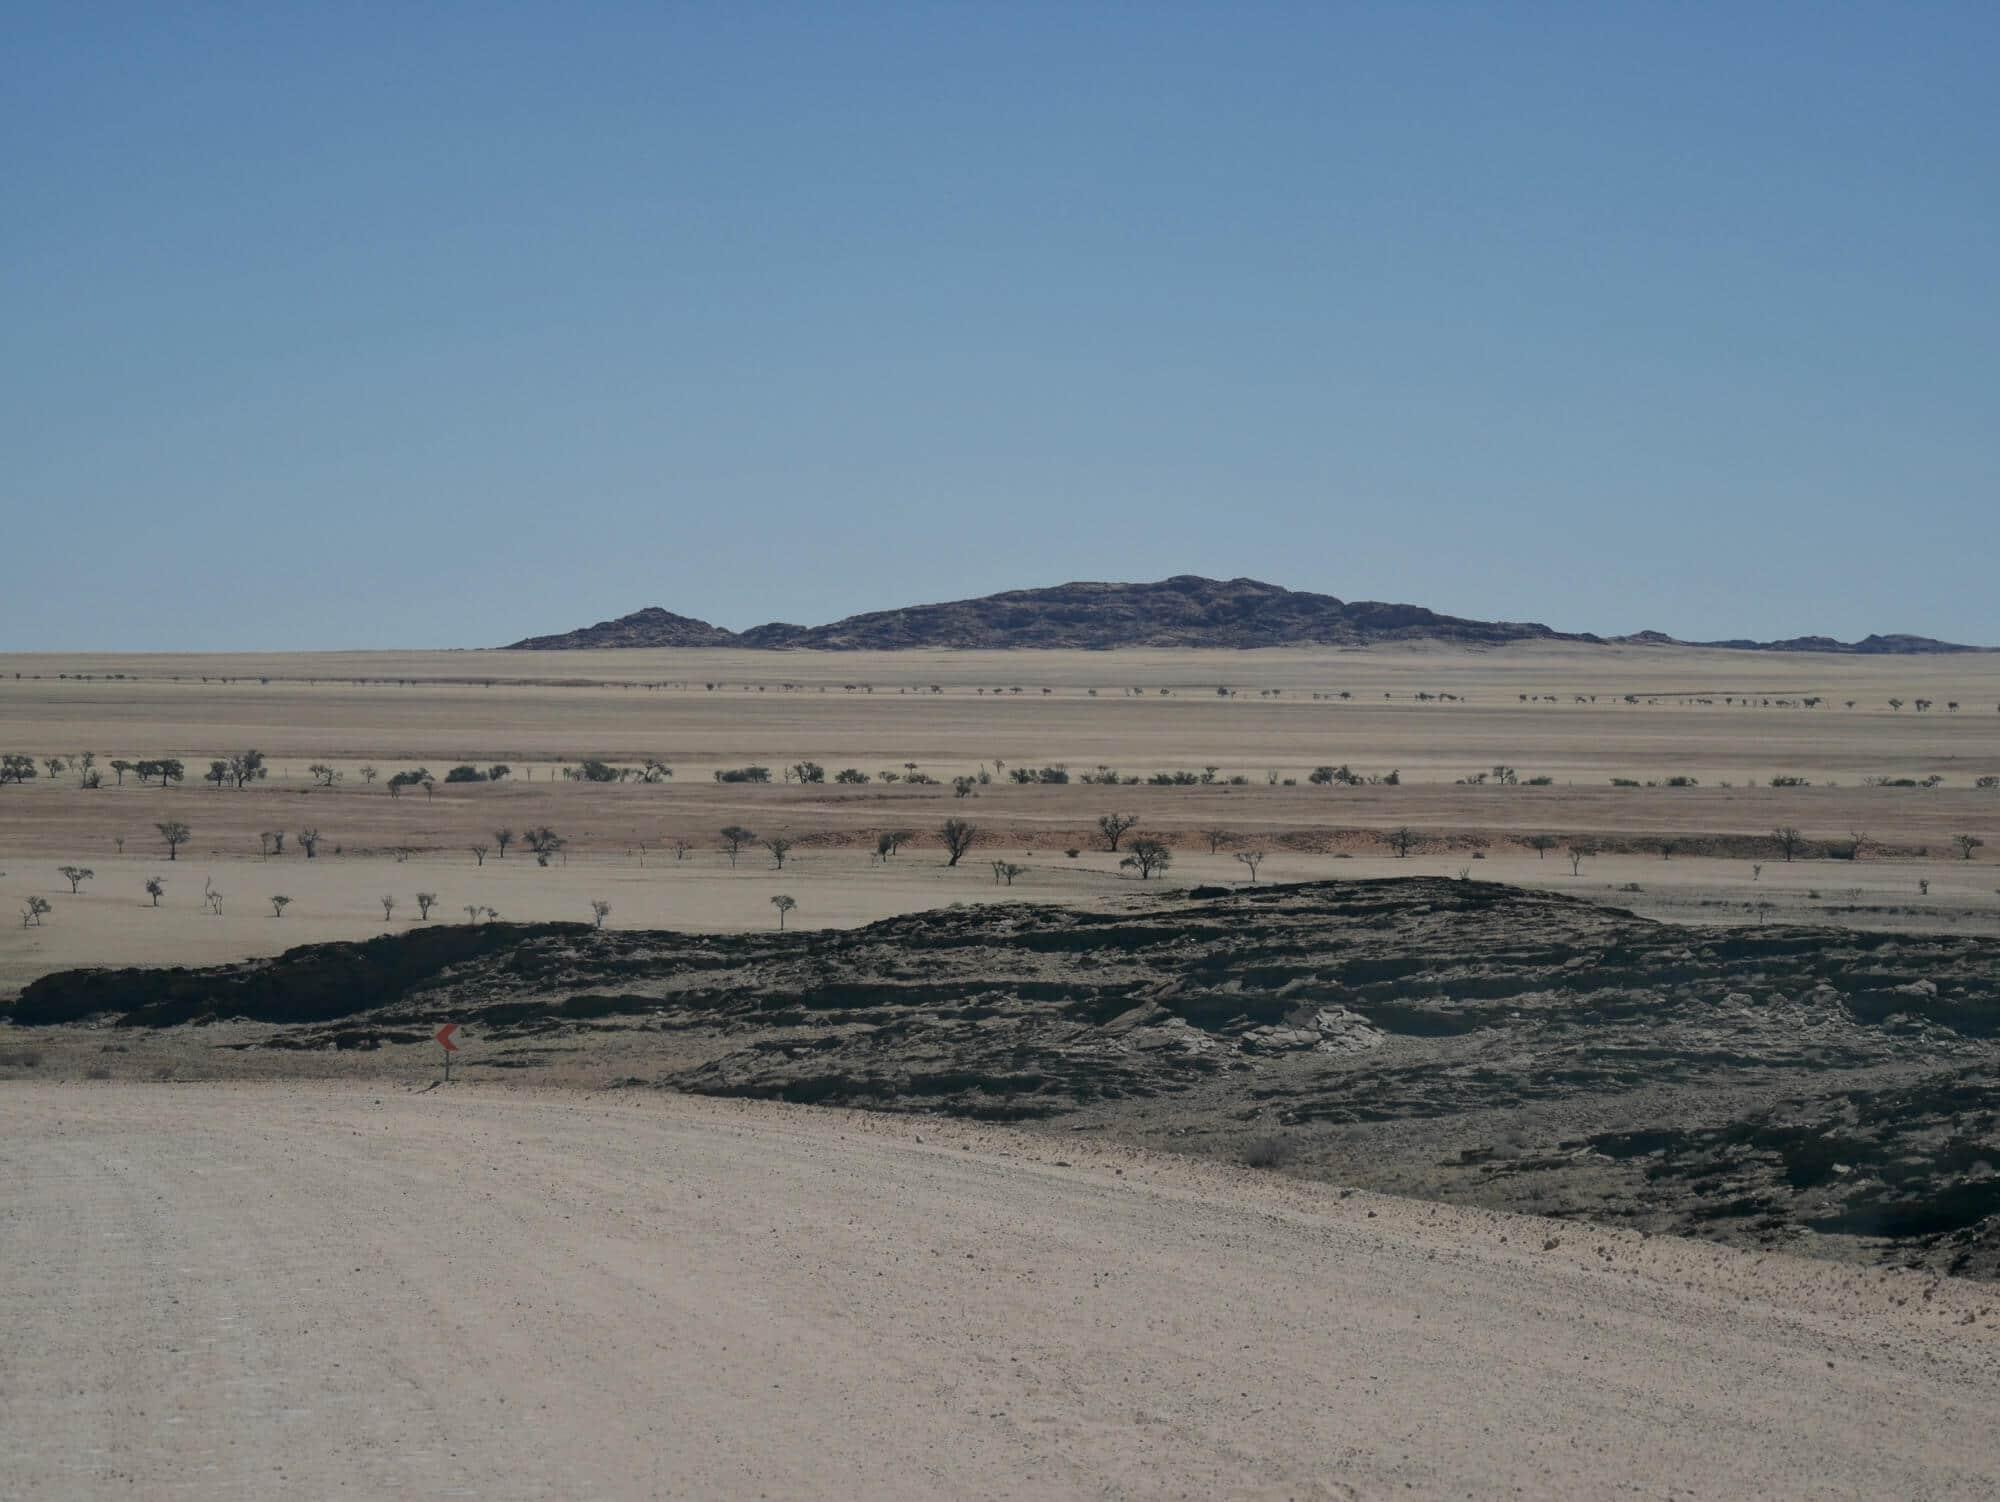 Vue de la savane depuis les pistes de Namibie